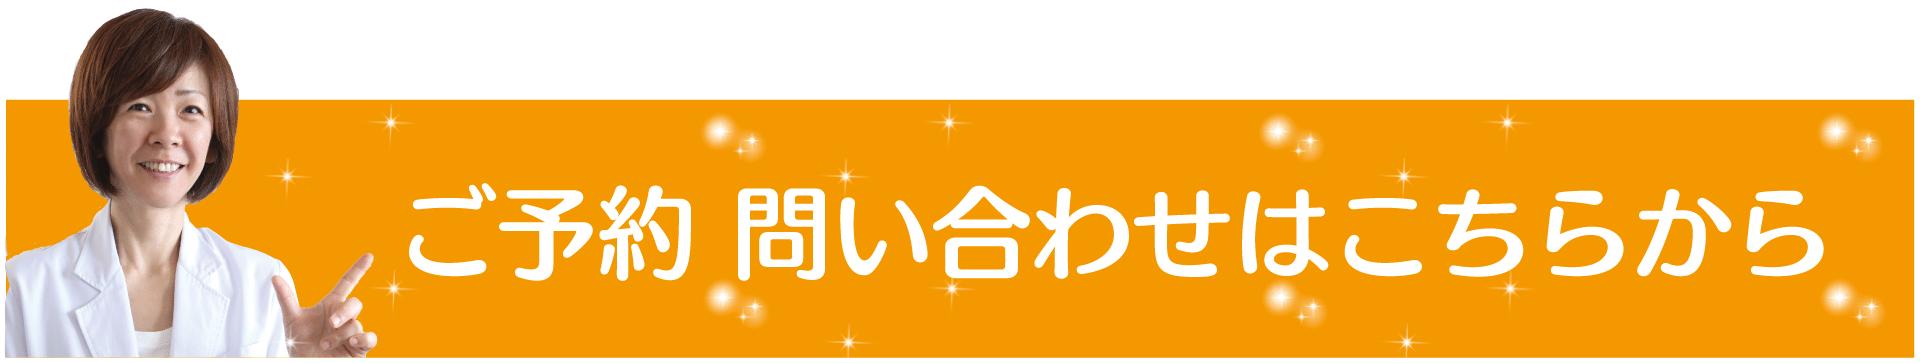 スーパースカルプ川西能勢口店